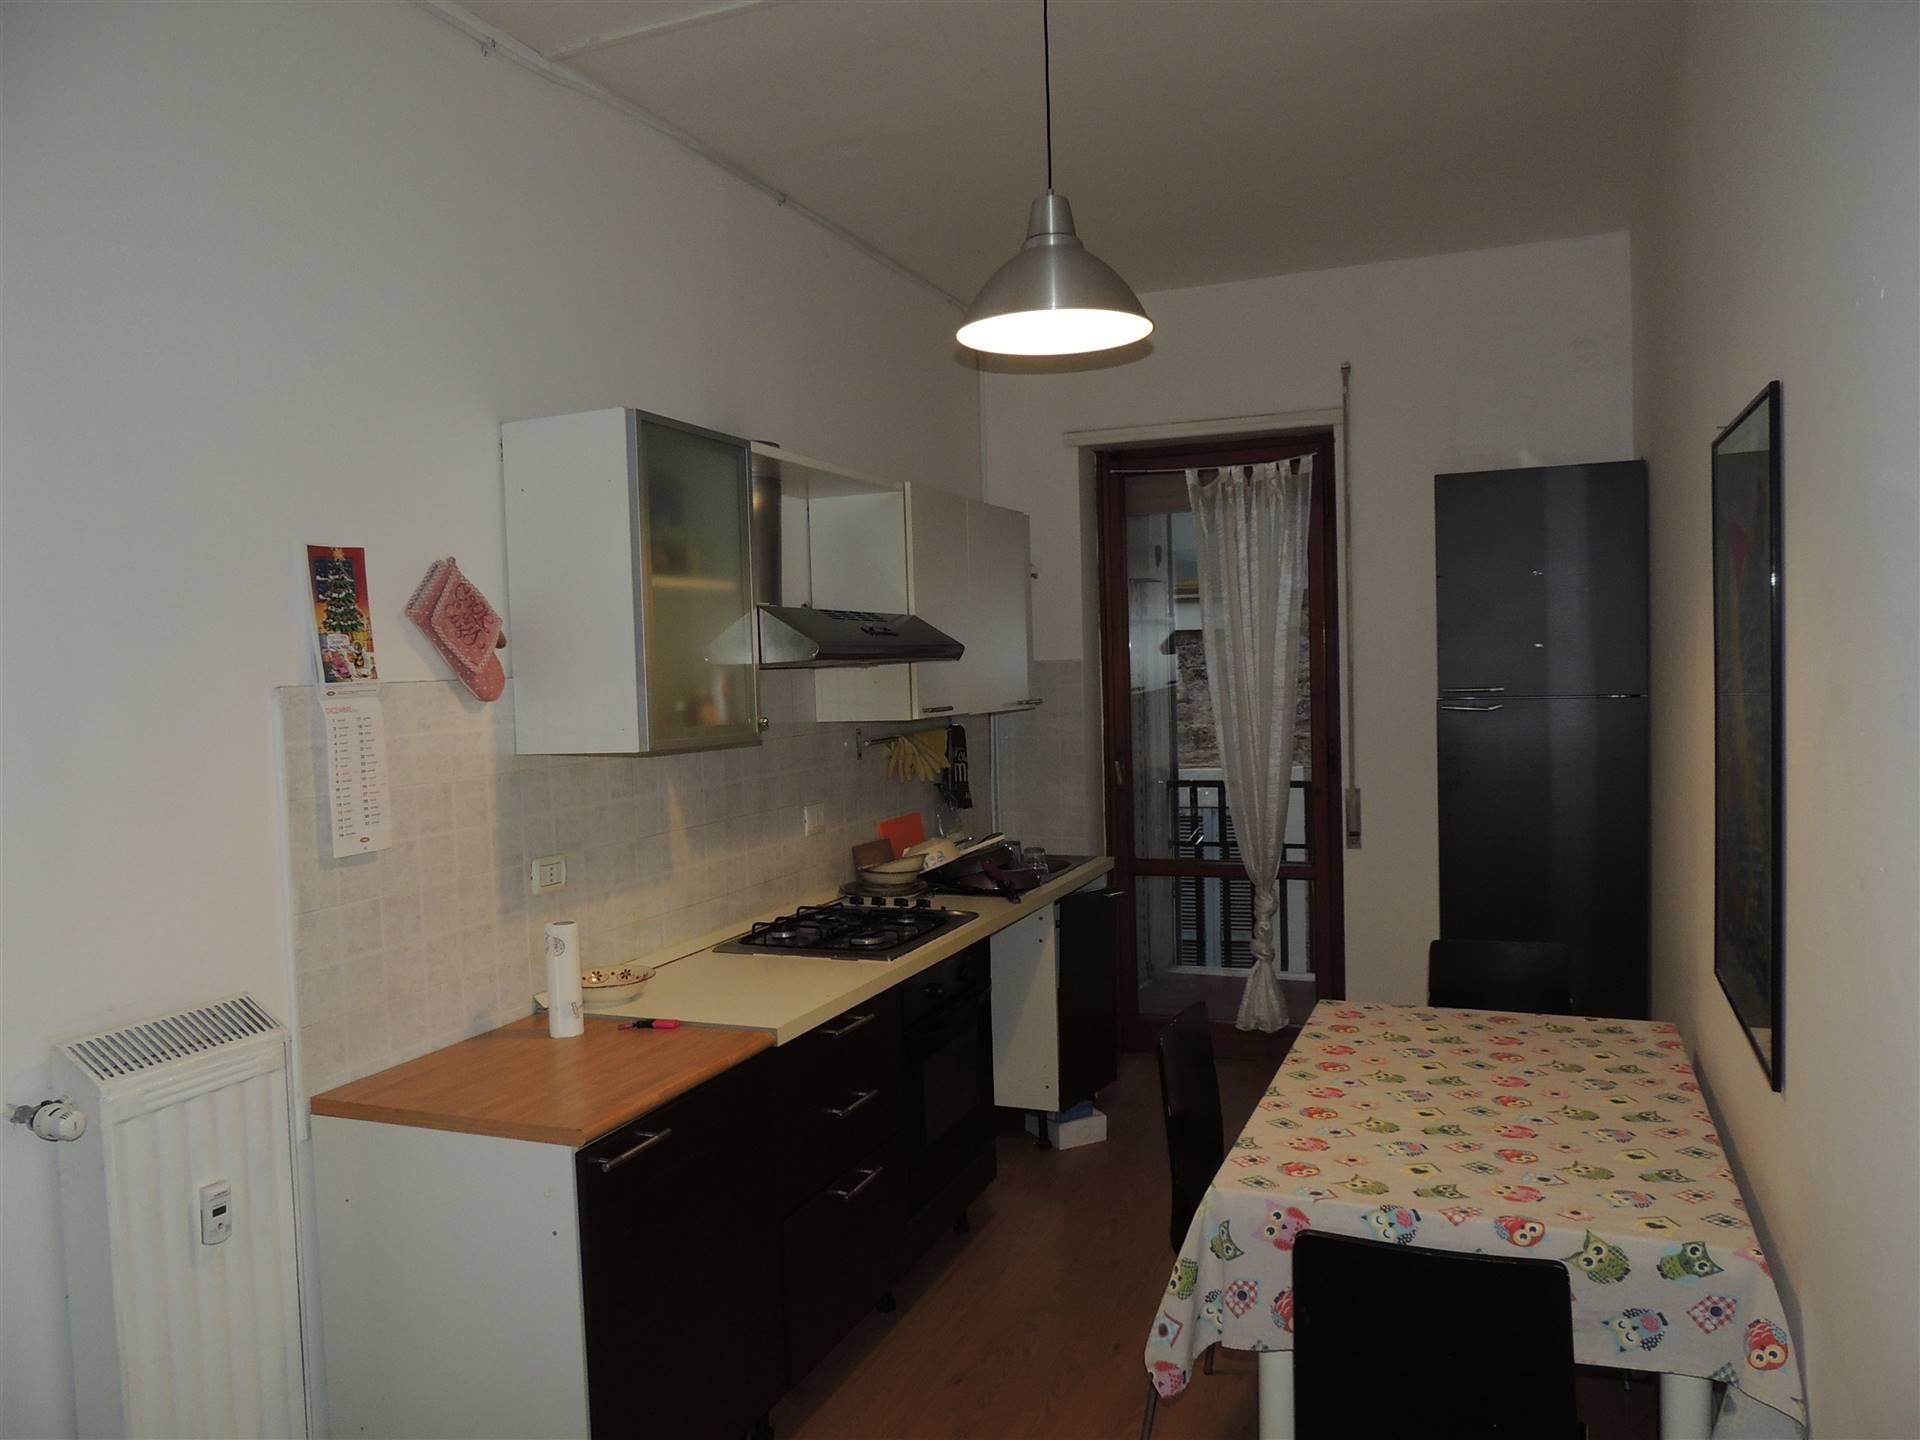 Appartamento in vendita a Terni, 4 locali, zona ro, prezzo € 135.000 | PortaleAgenzieImmobiliari.it